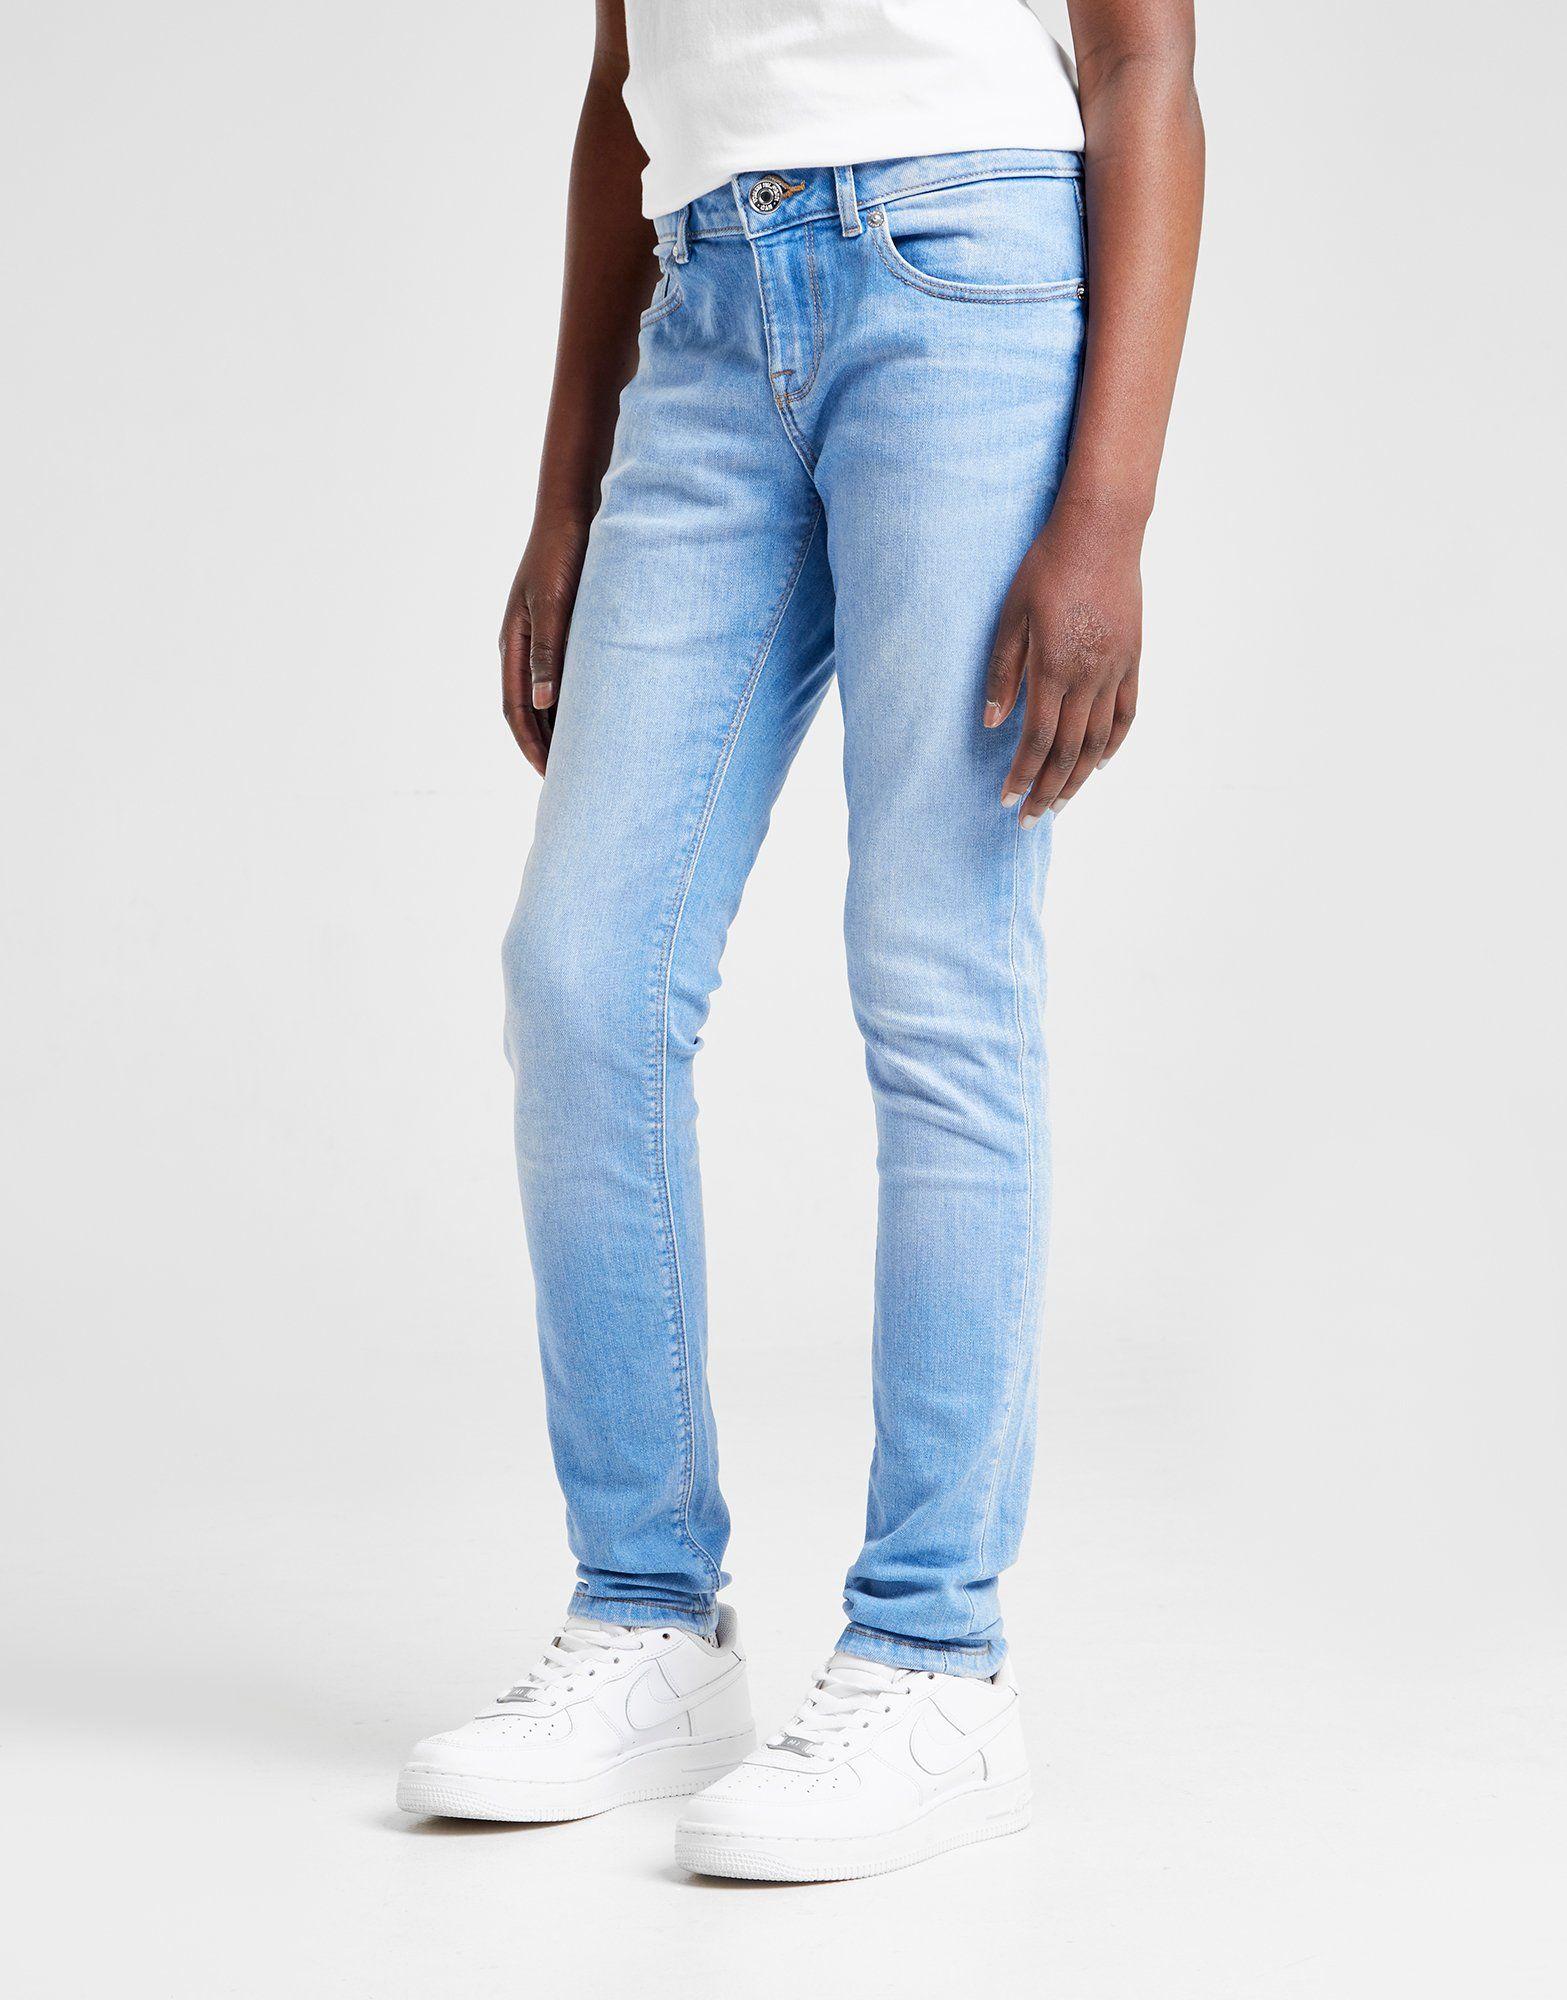 Tommy Hilfiger Girls' Sophie Skinny Jeans Junior by Tommy Hilfiger